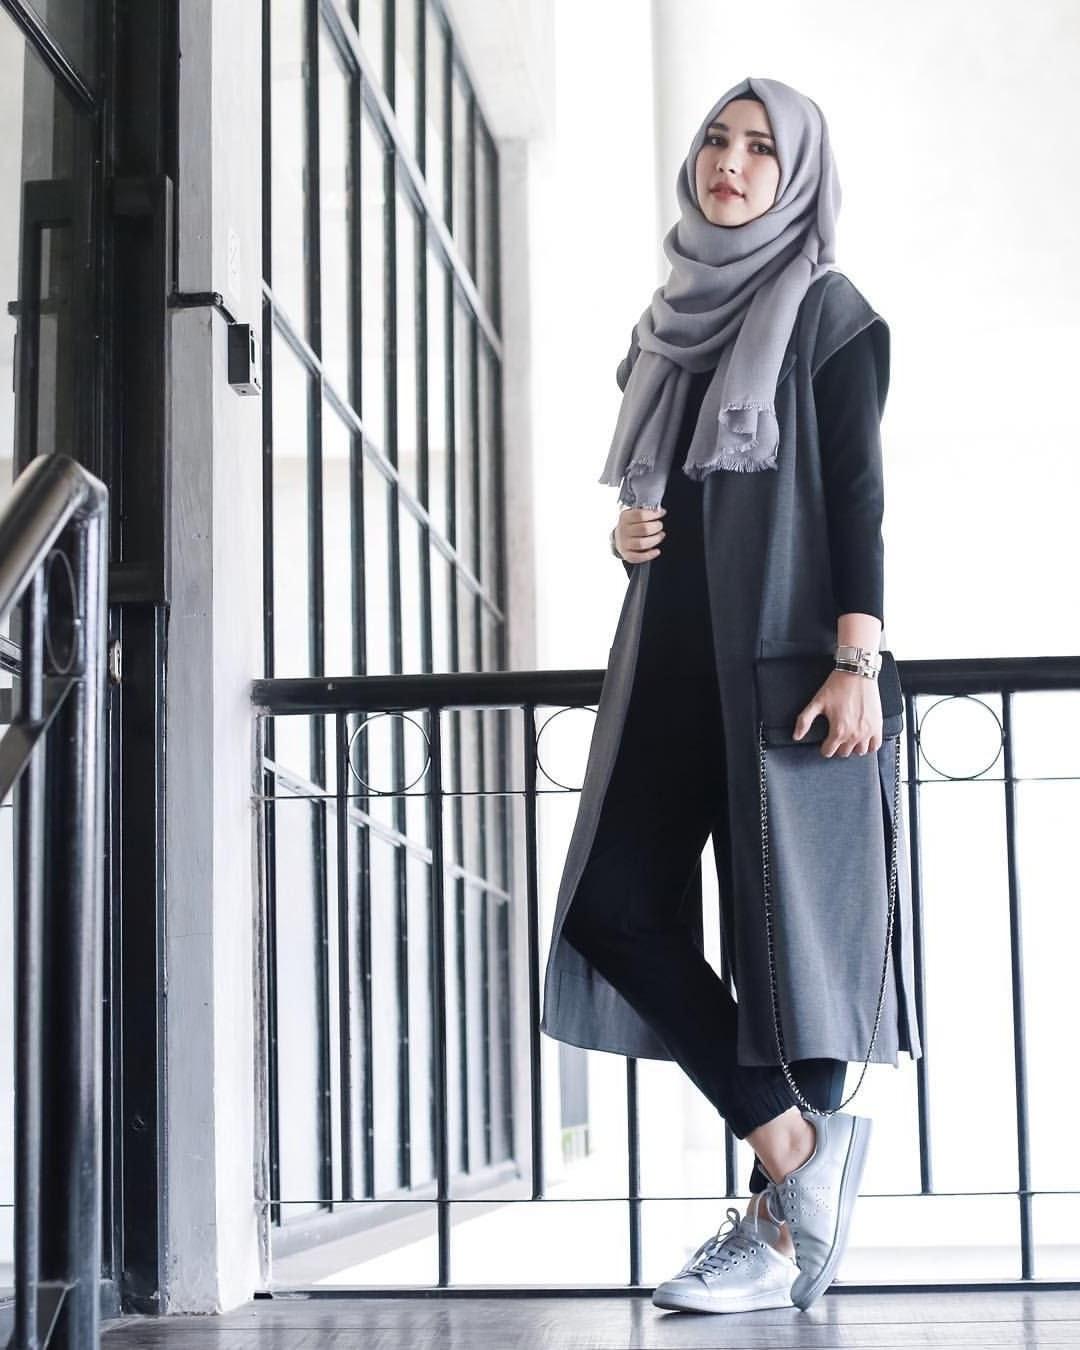 Ide Fashion Muslimah Nkde Muslimah Fashion & Hijab Style